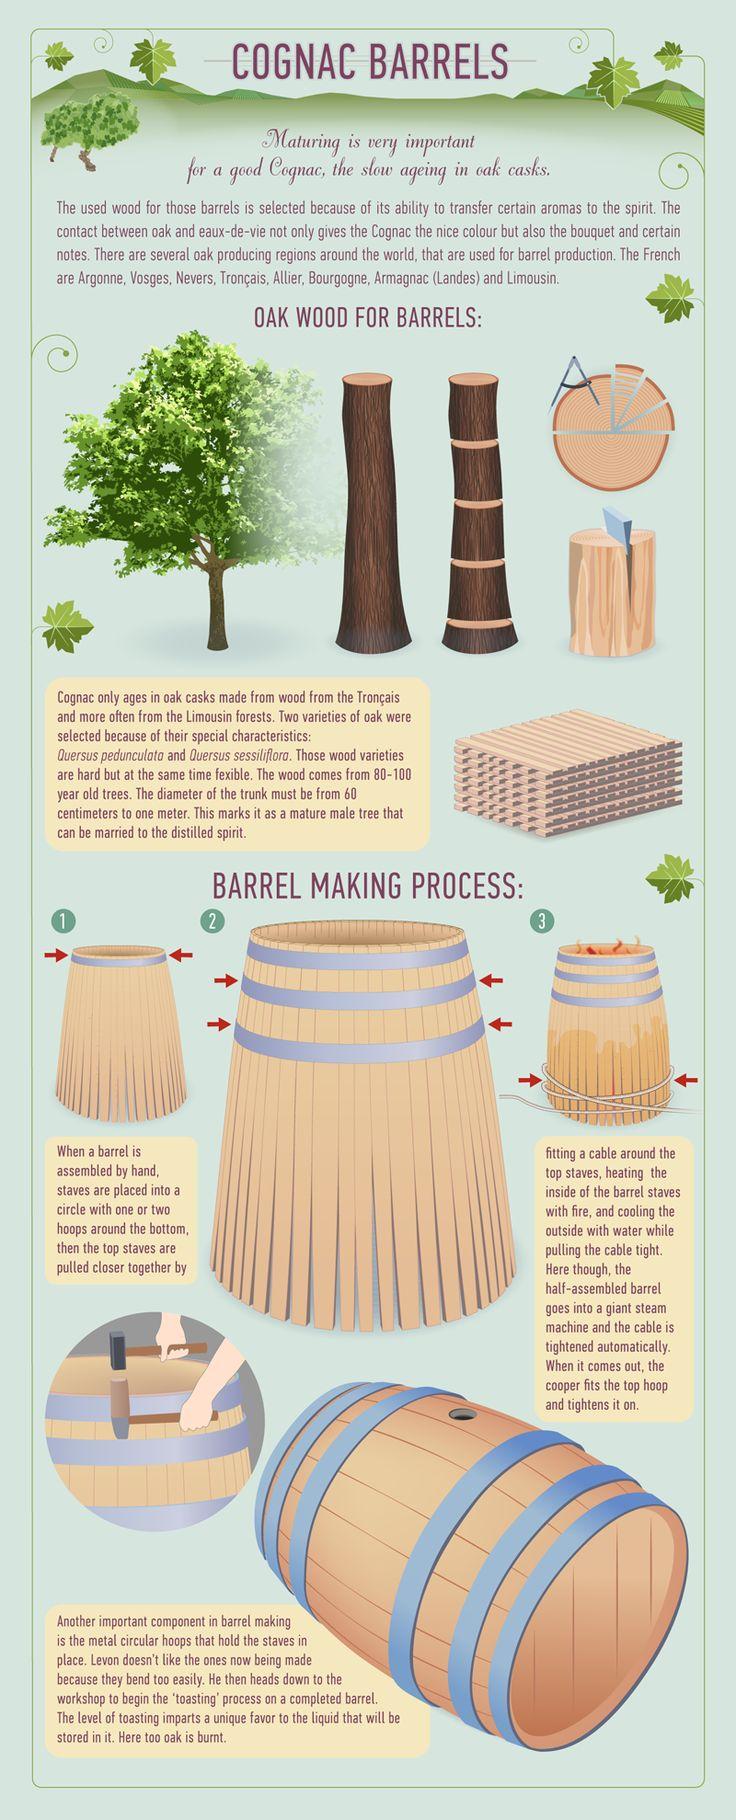 #Cognac #Barrels